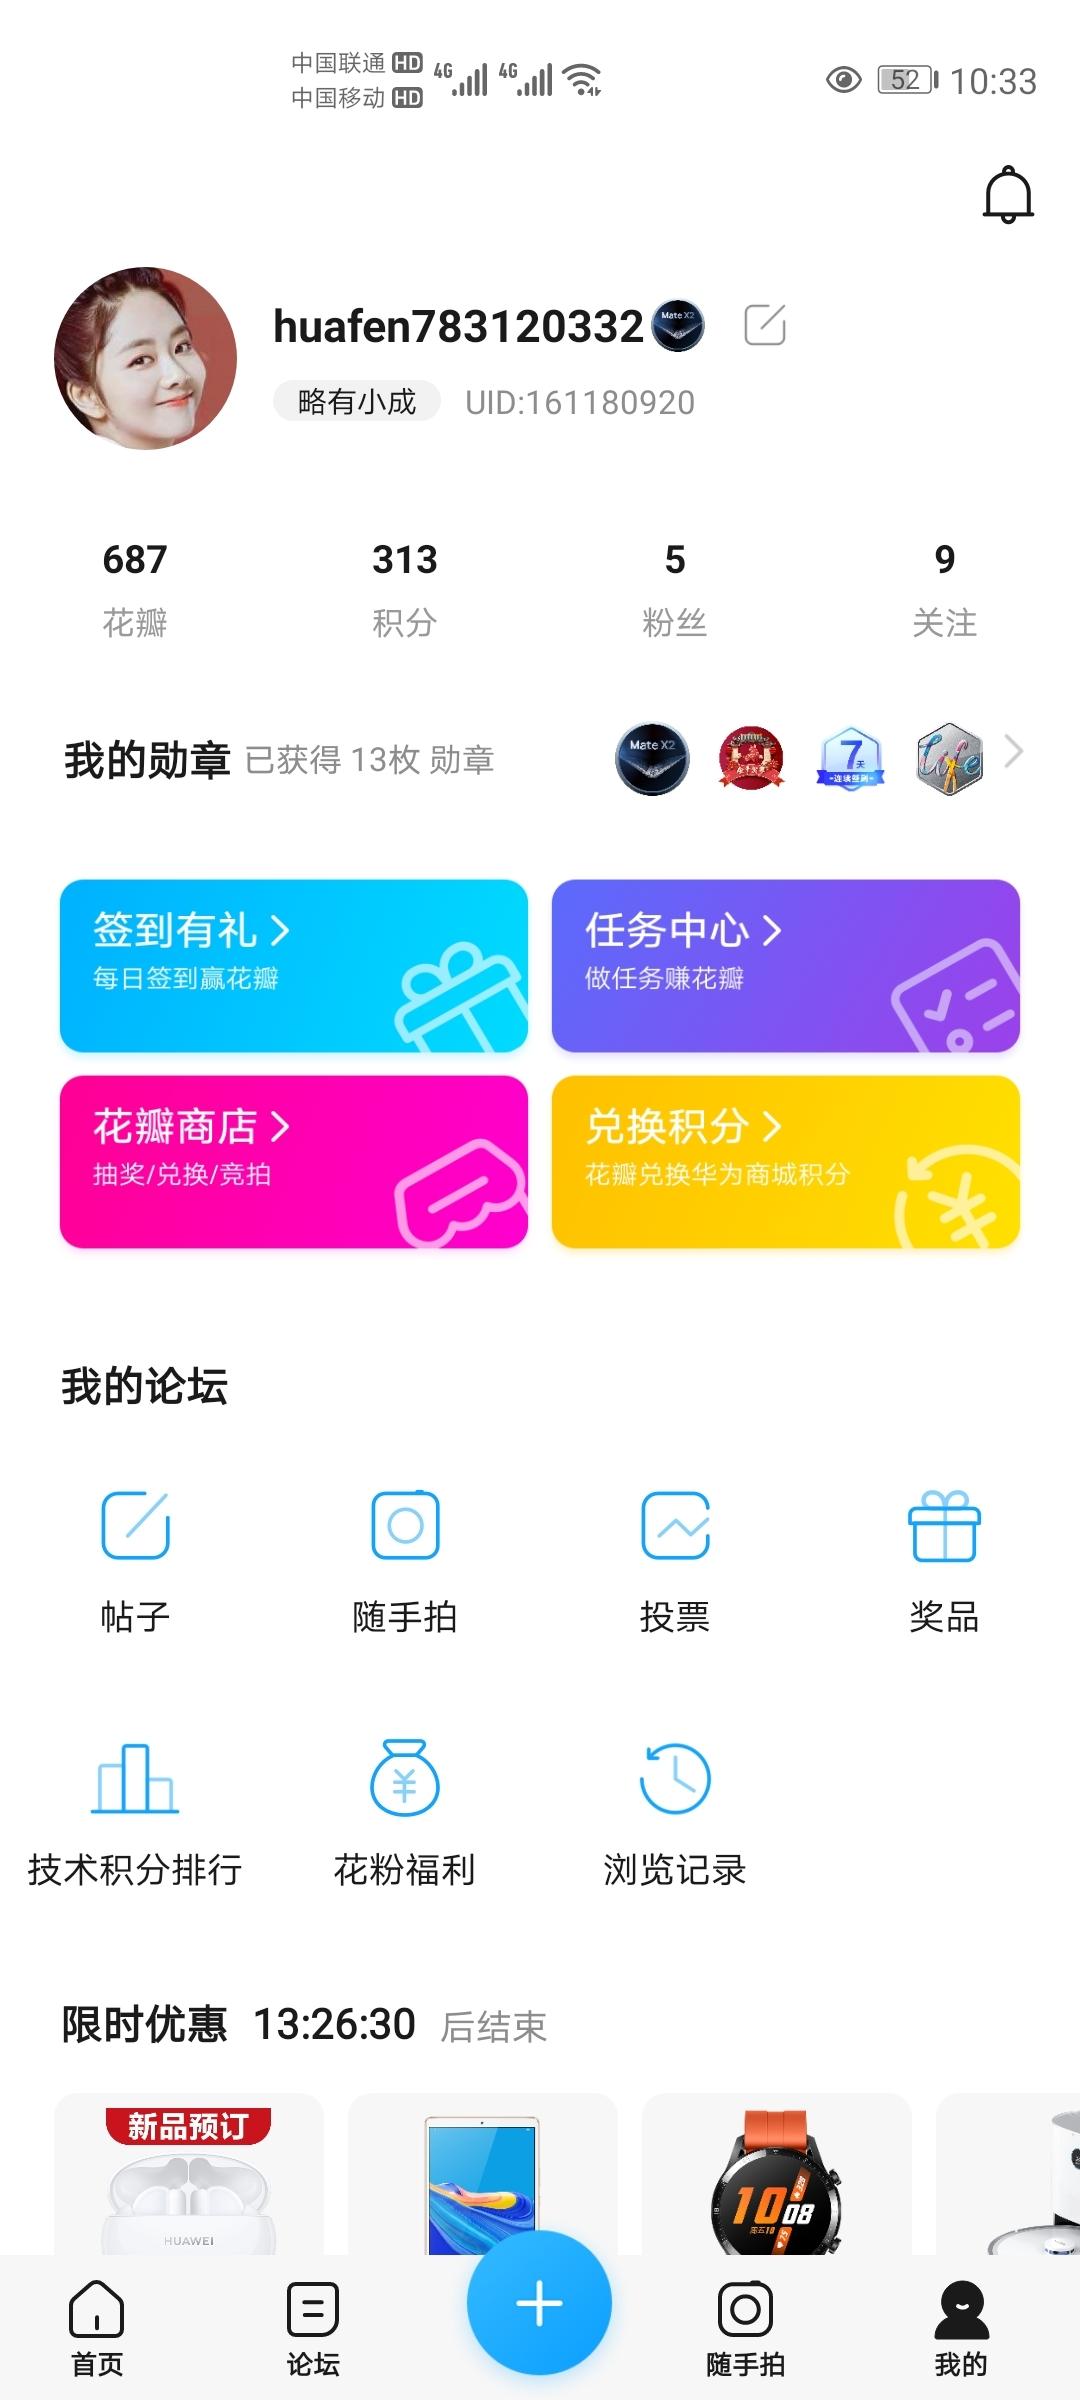 Screenshot_20210222_103329_com.huawei.fans.jpg